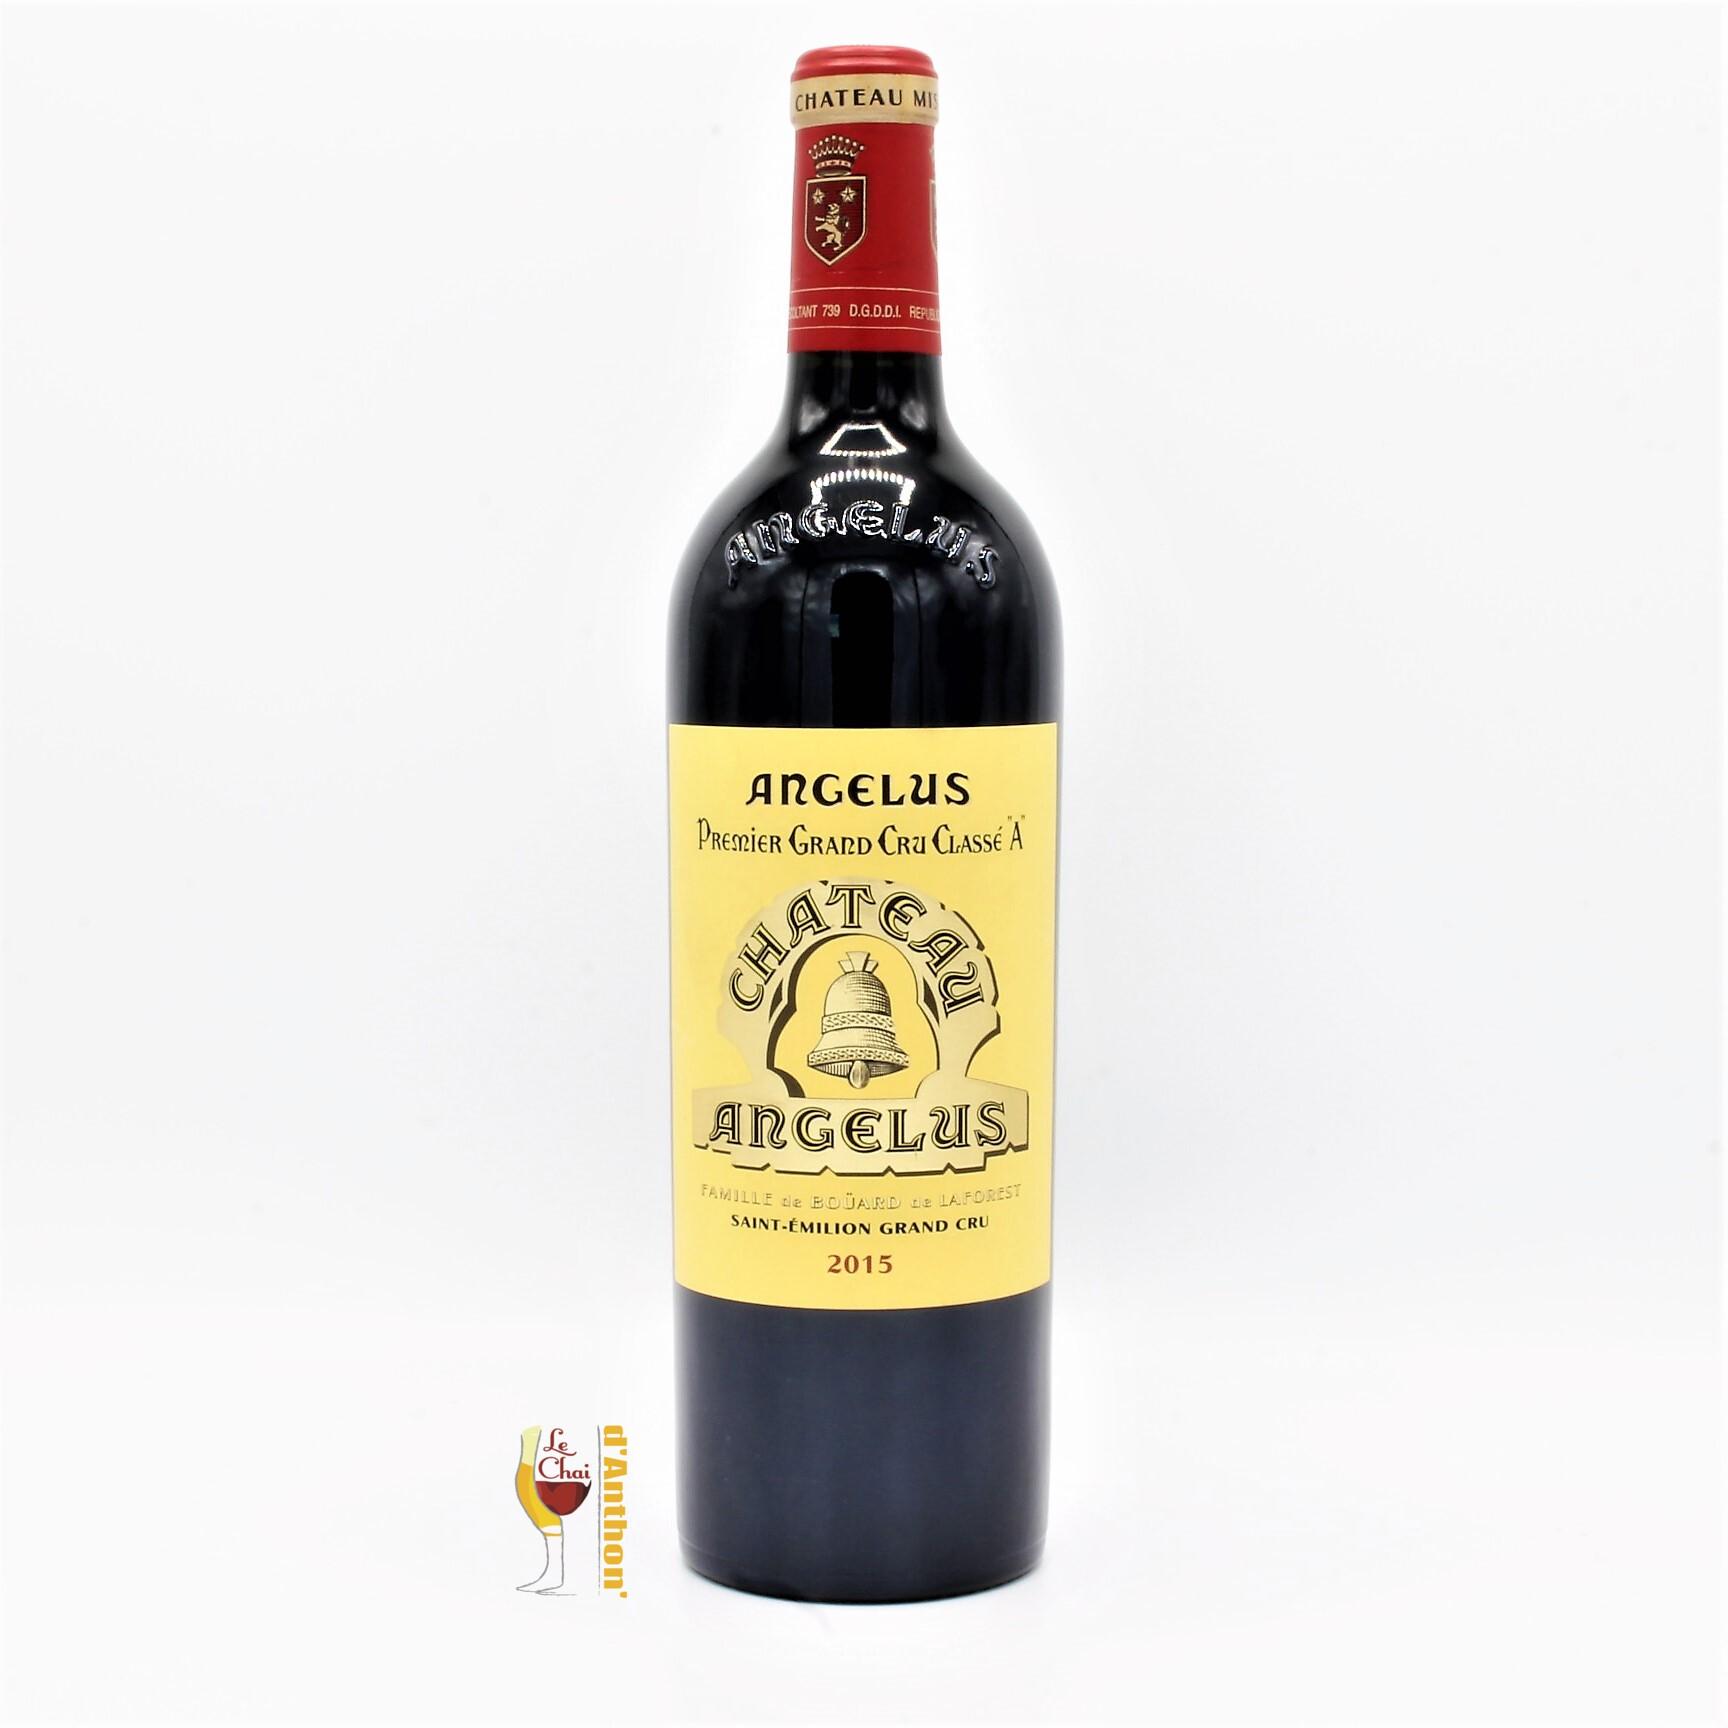 Vin Bouteille Rouge Bordeaux St Emilion Grand Cru Angelus 2015 75cl